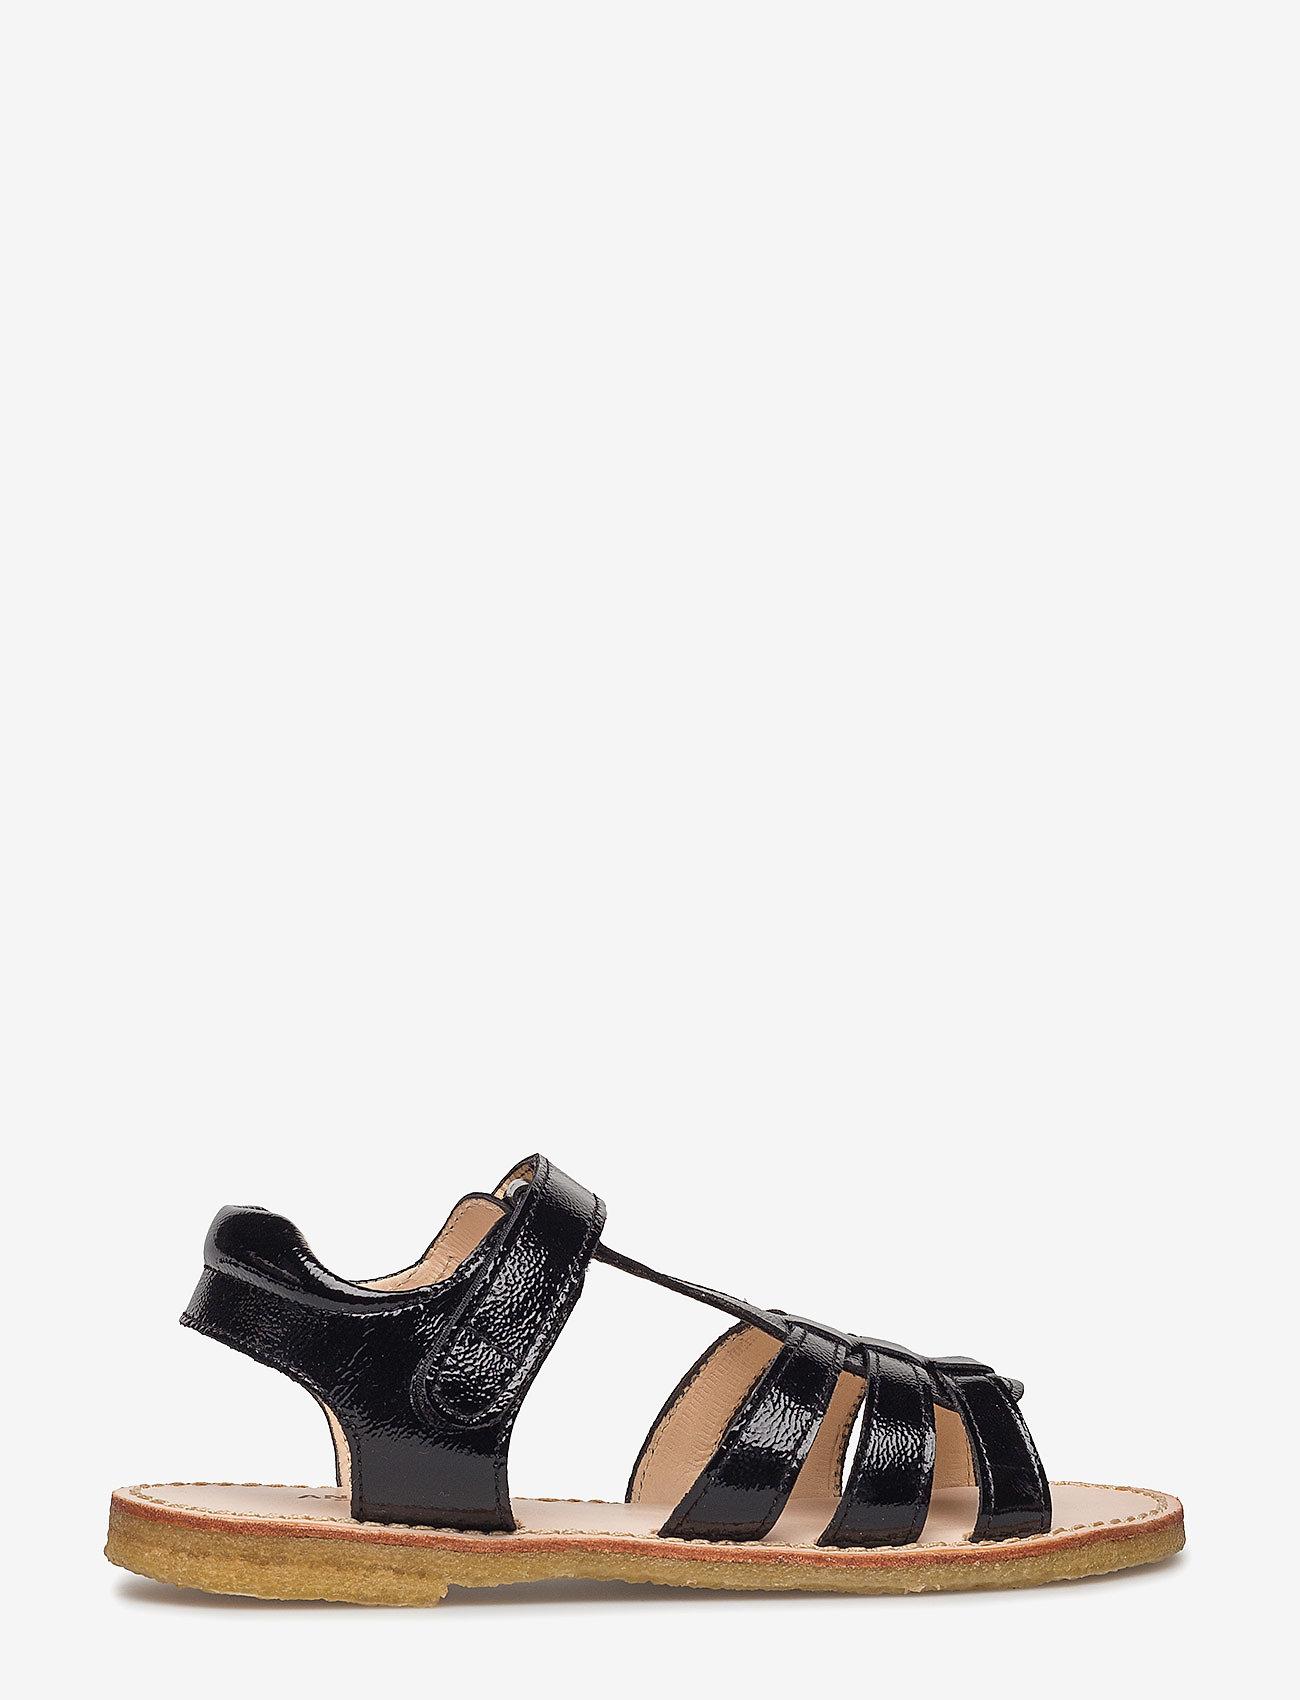 ANGULUS - 4384 - sandaalit - 1310 black - 1